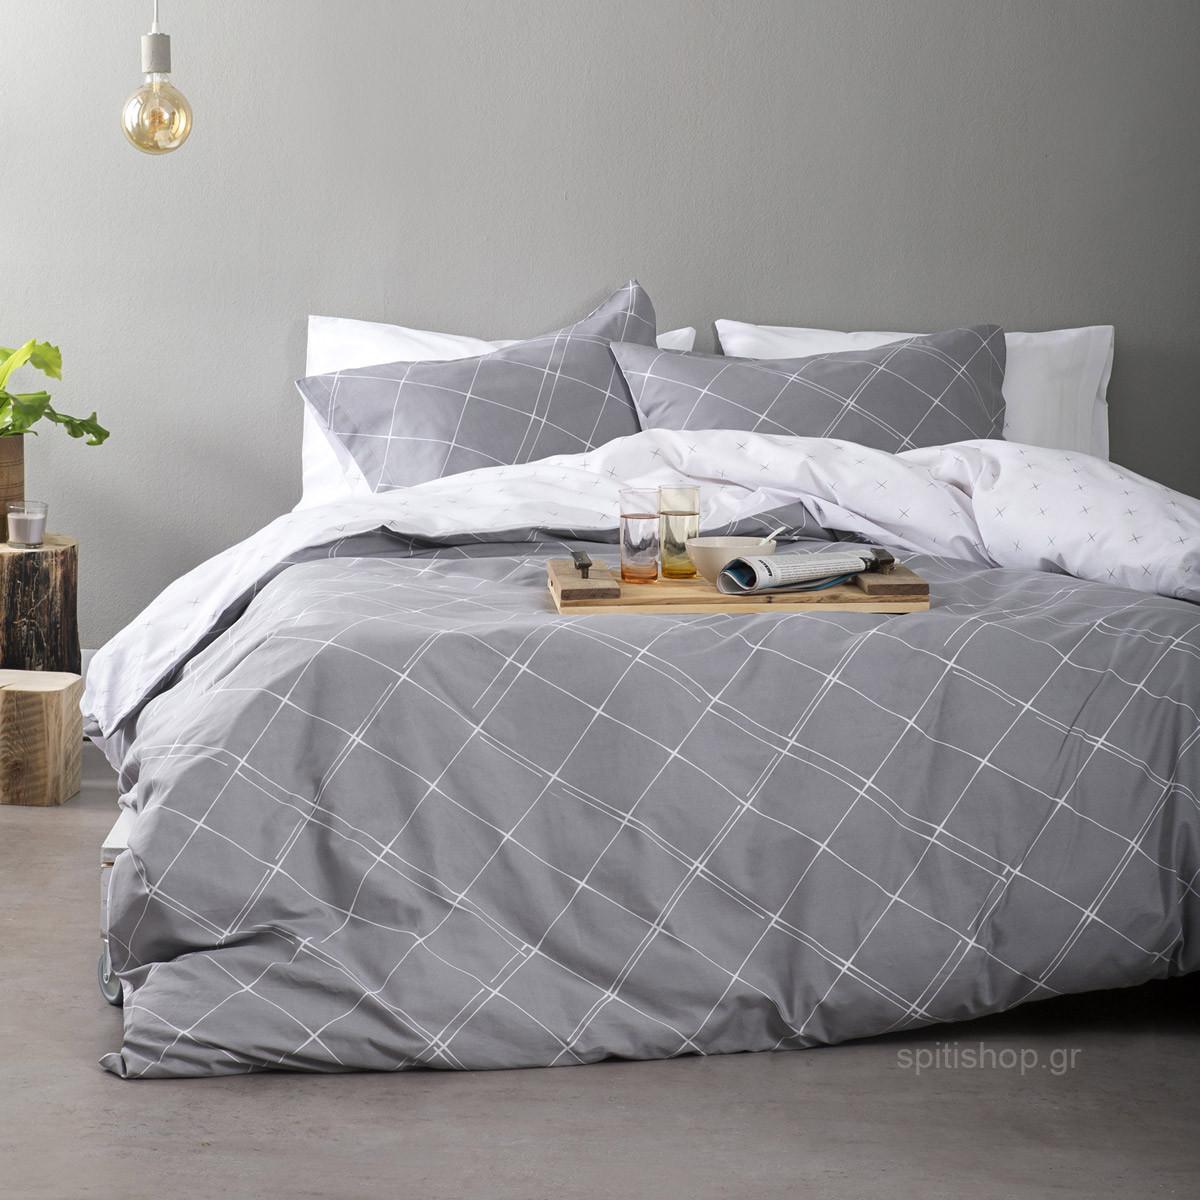 Παπλωματοθήκη Μονή (Σετ) Nima Bed Linen Azzora Grey